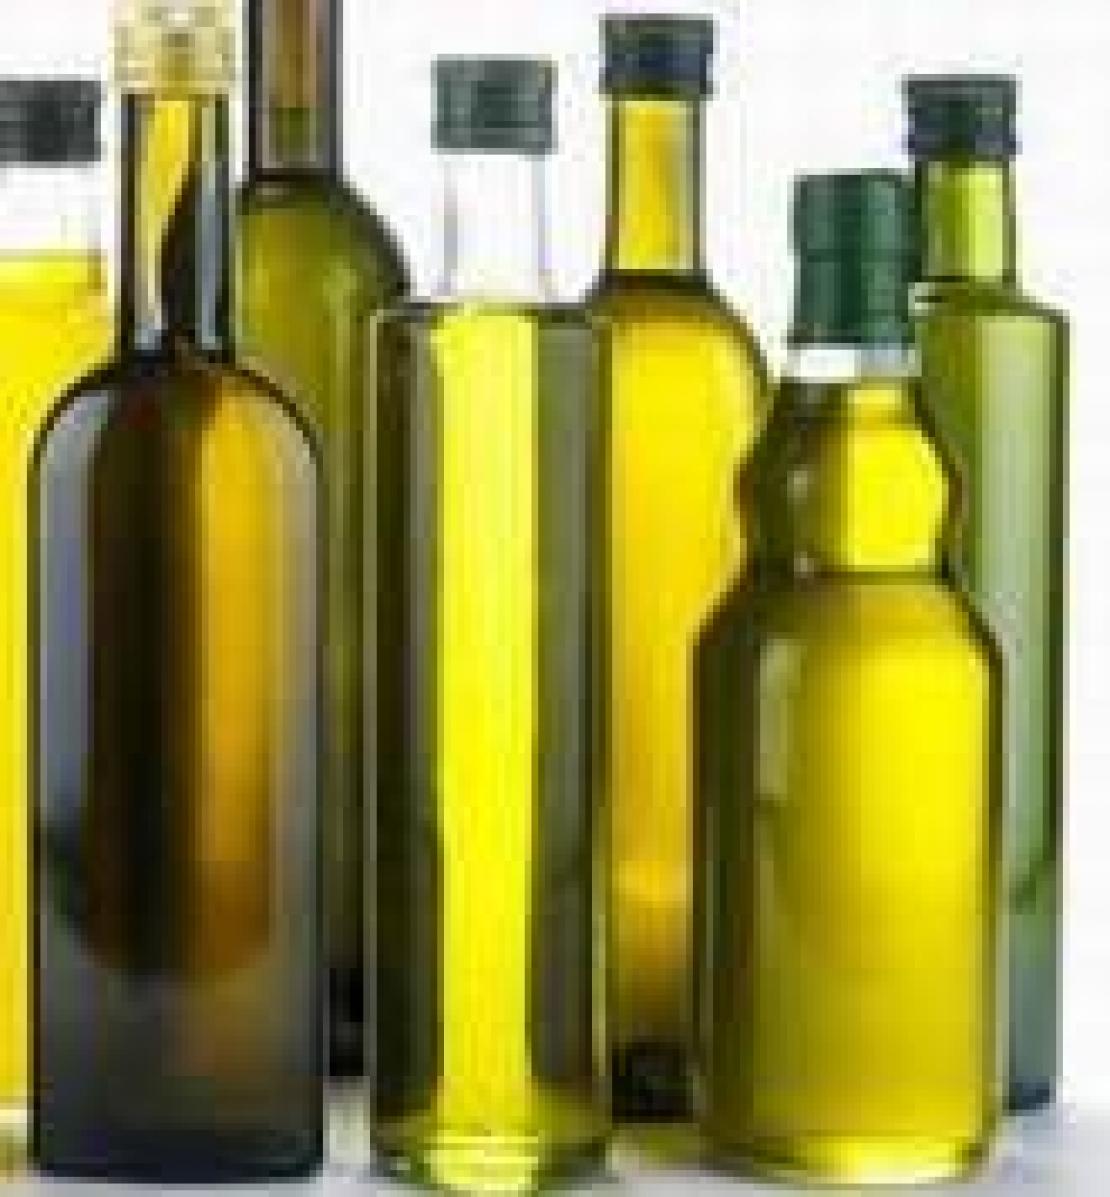 Ecco come nasce un olio extra vergine d'oliva da vendere a 2